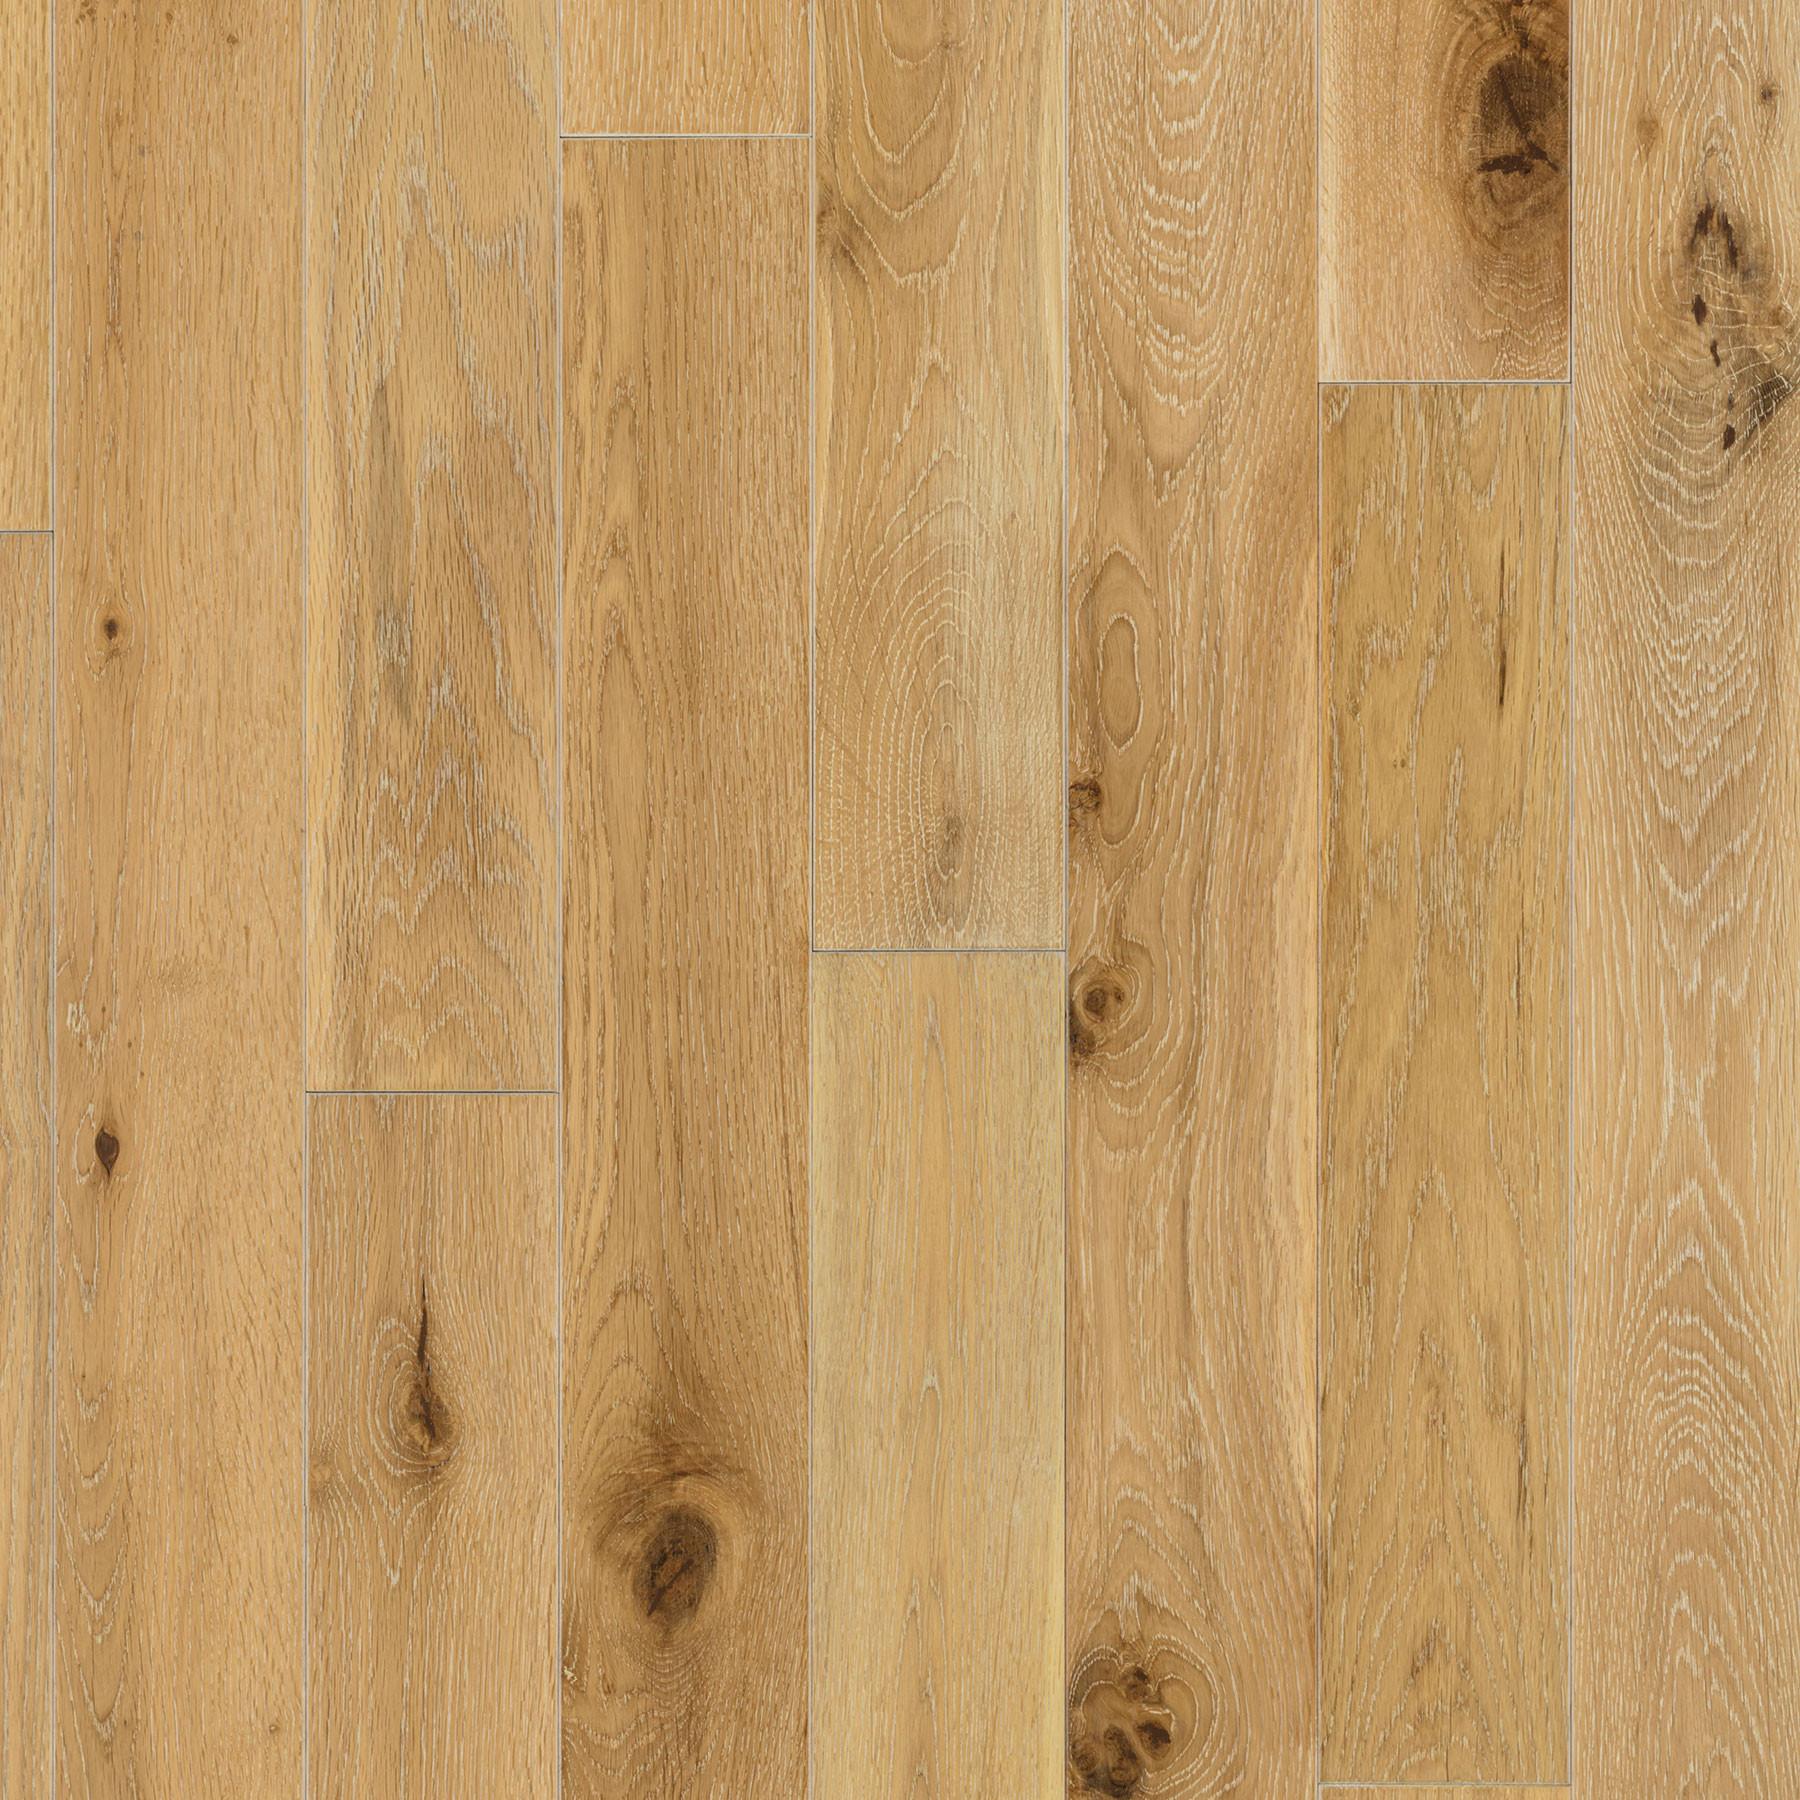 plank hardwood flooring canada of harbor oak 3 1 2″ white oak white washed etx surfaces within harbor oak 3 1 2″ white oak white washed